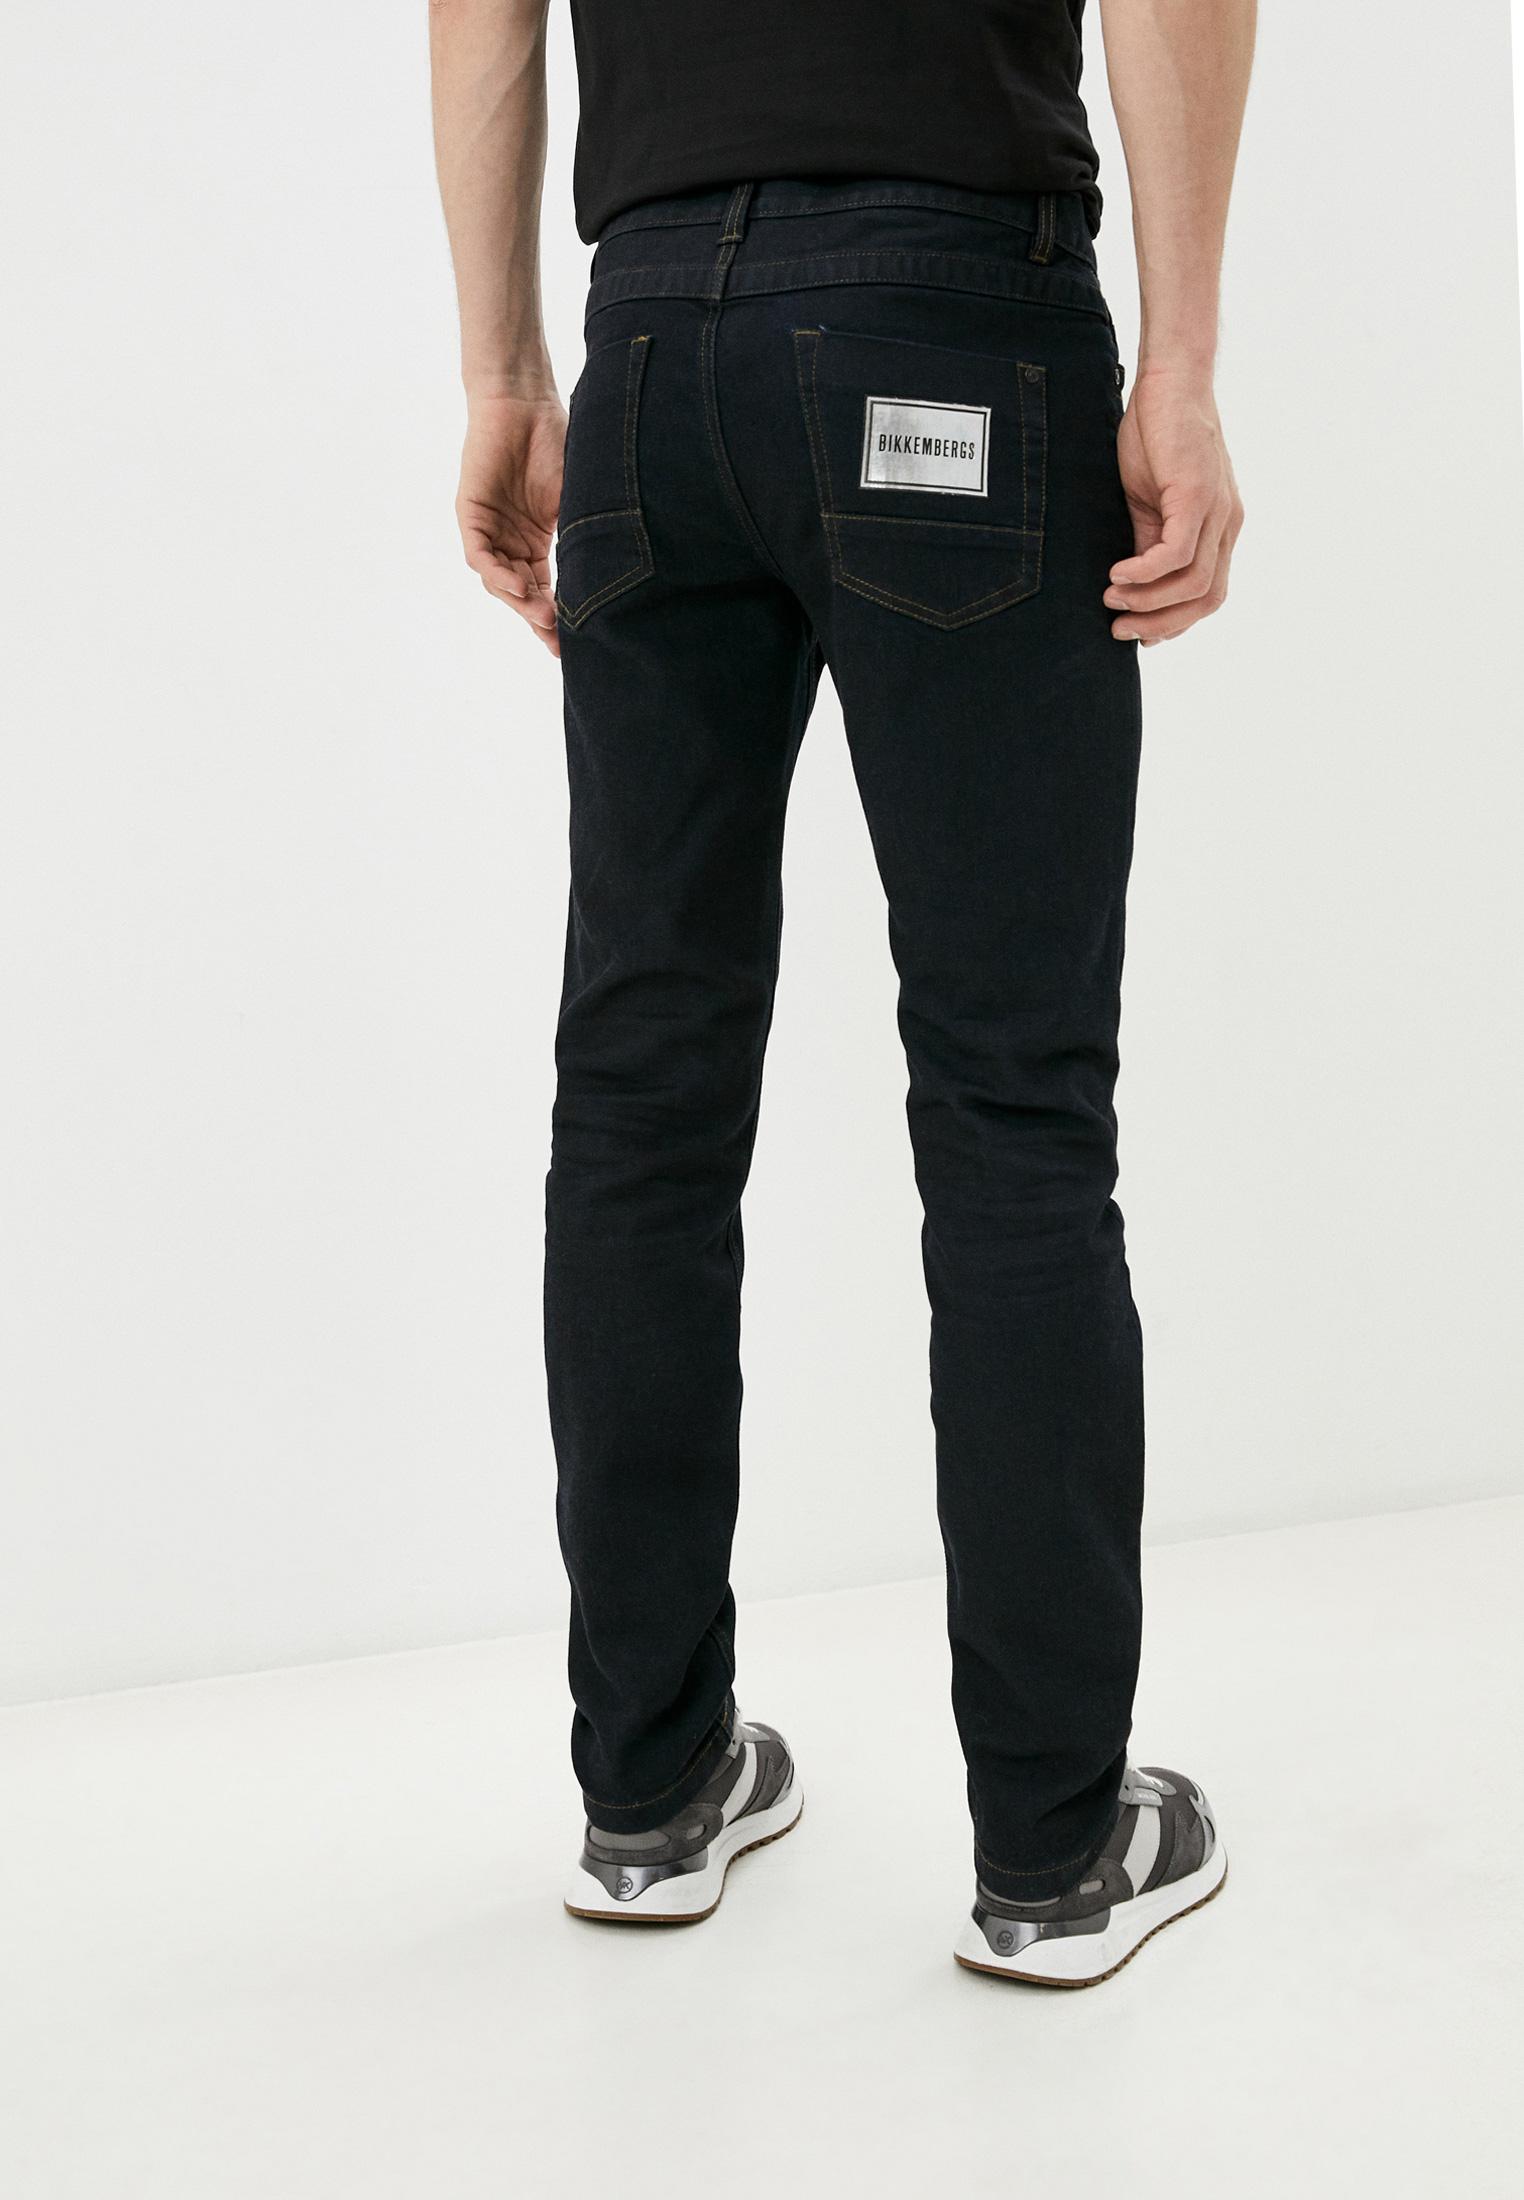 Мужские прямые джинсы Bikkembergs (Биккембергс) C Q 101 01 S 3333: изображение 4